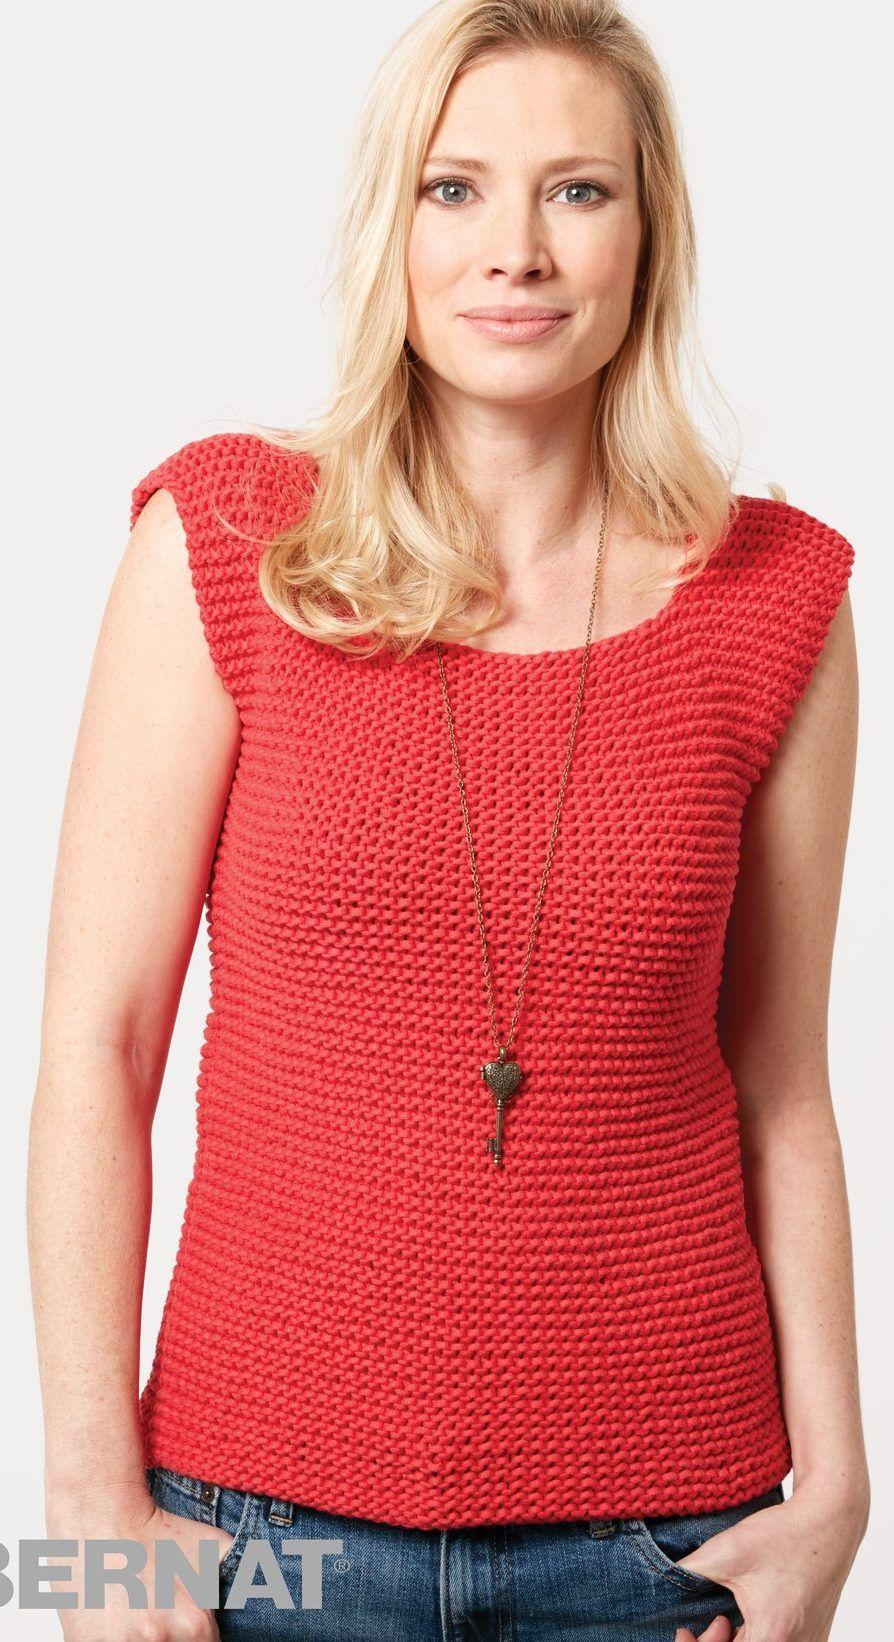 Garter Stitch Knitting Patterns   Knitting patterns, Stitch and Patterns